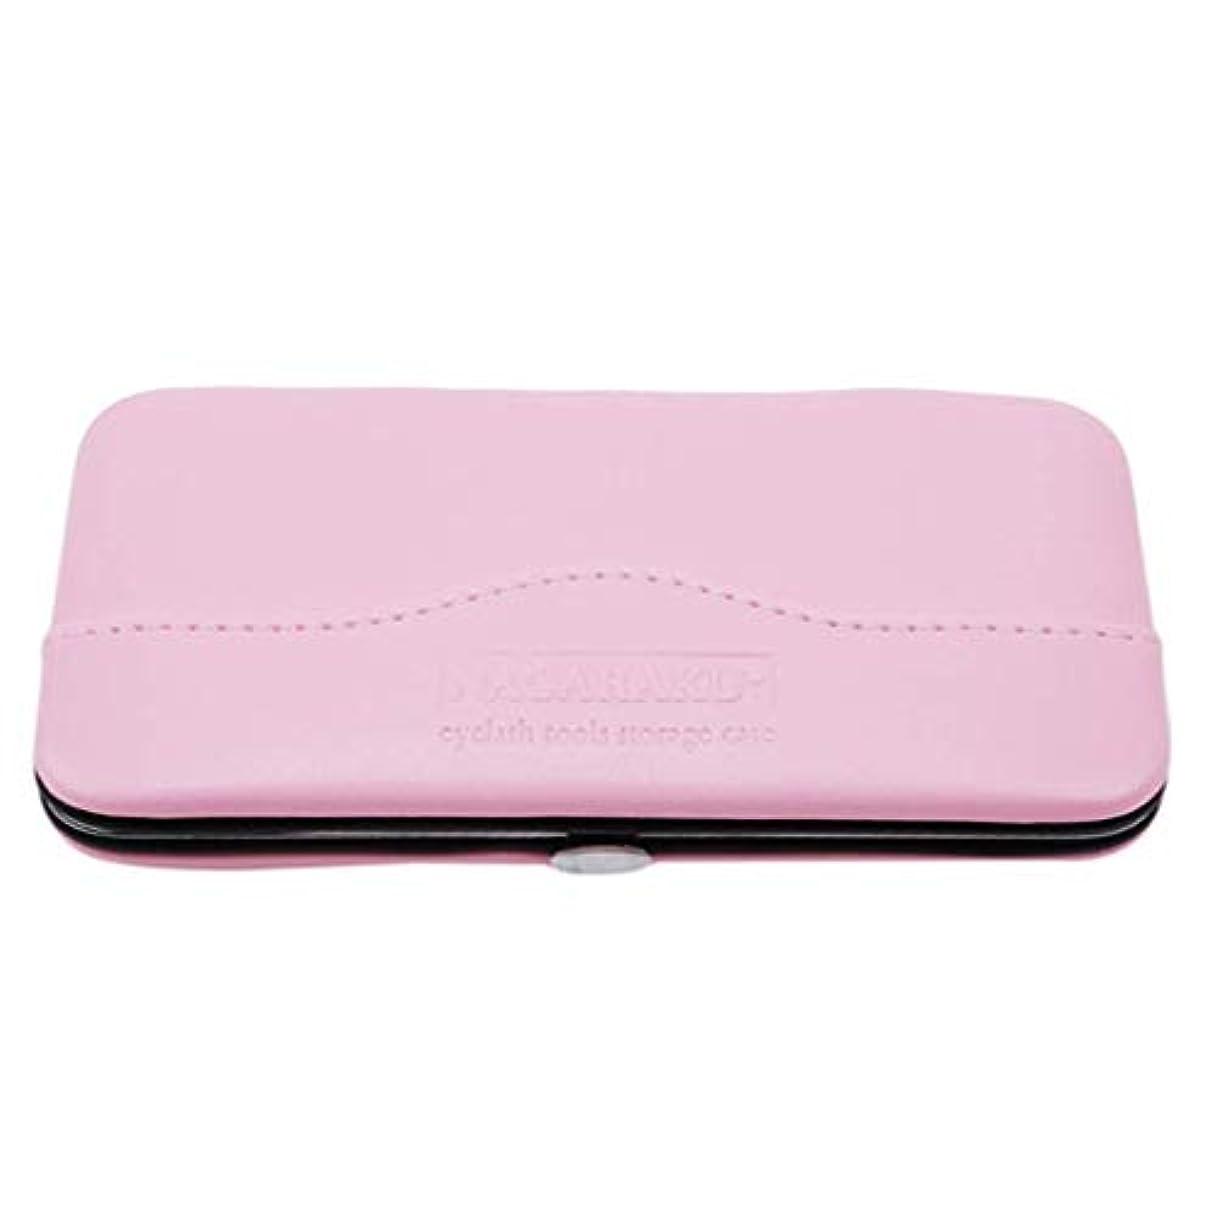 異形または暖かさ1st market プレミアム品質1ピース化粧道具バッグ用まつげエクステンションピンセット収納ボックスケース